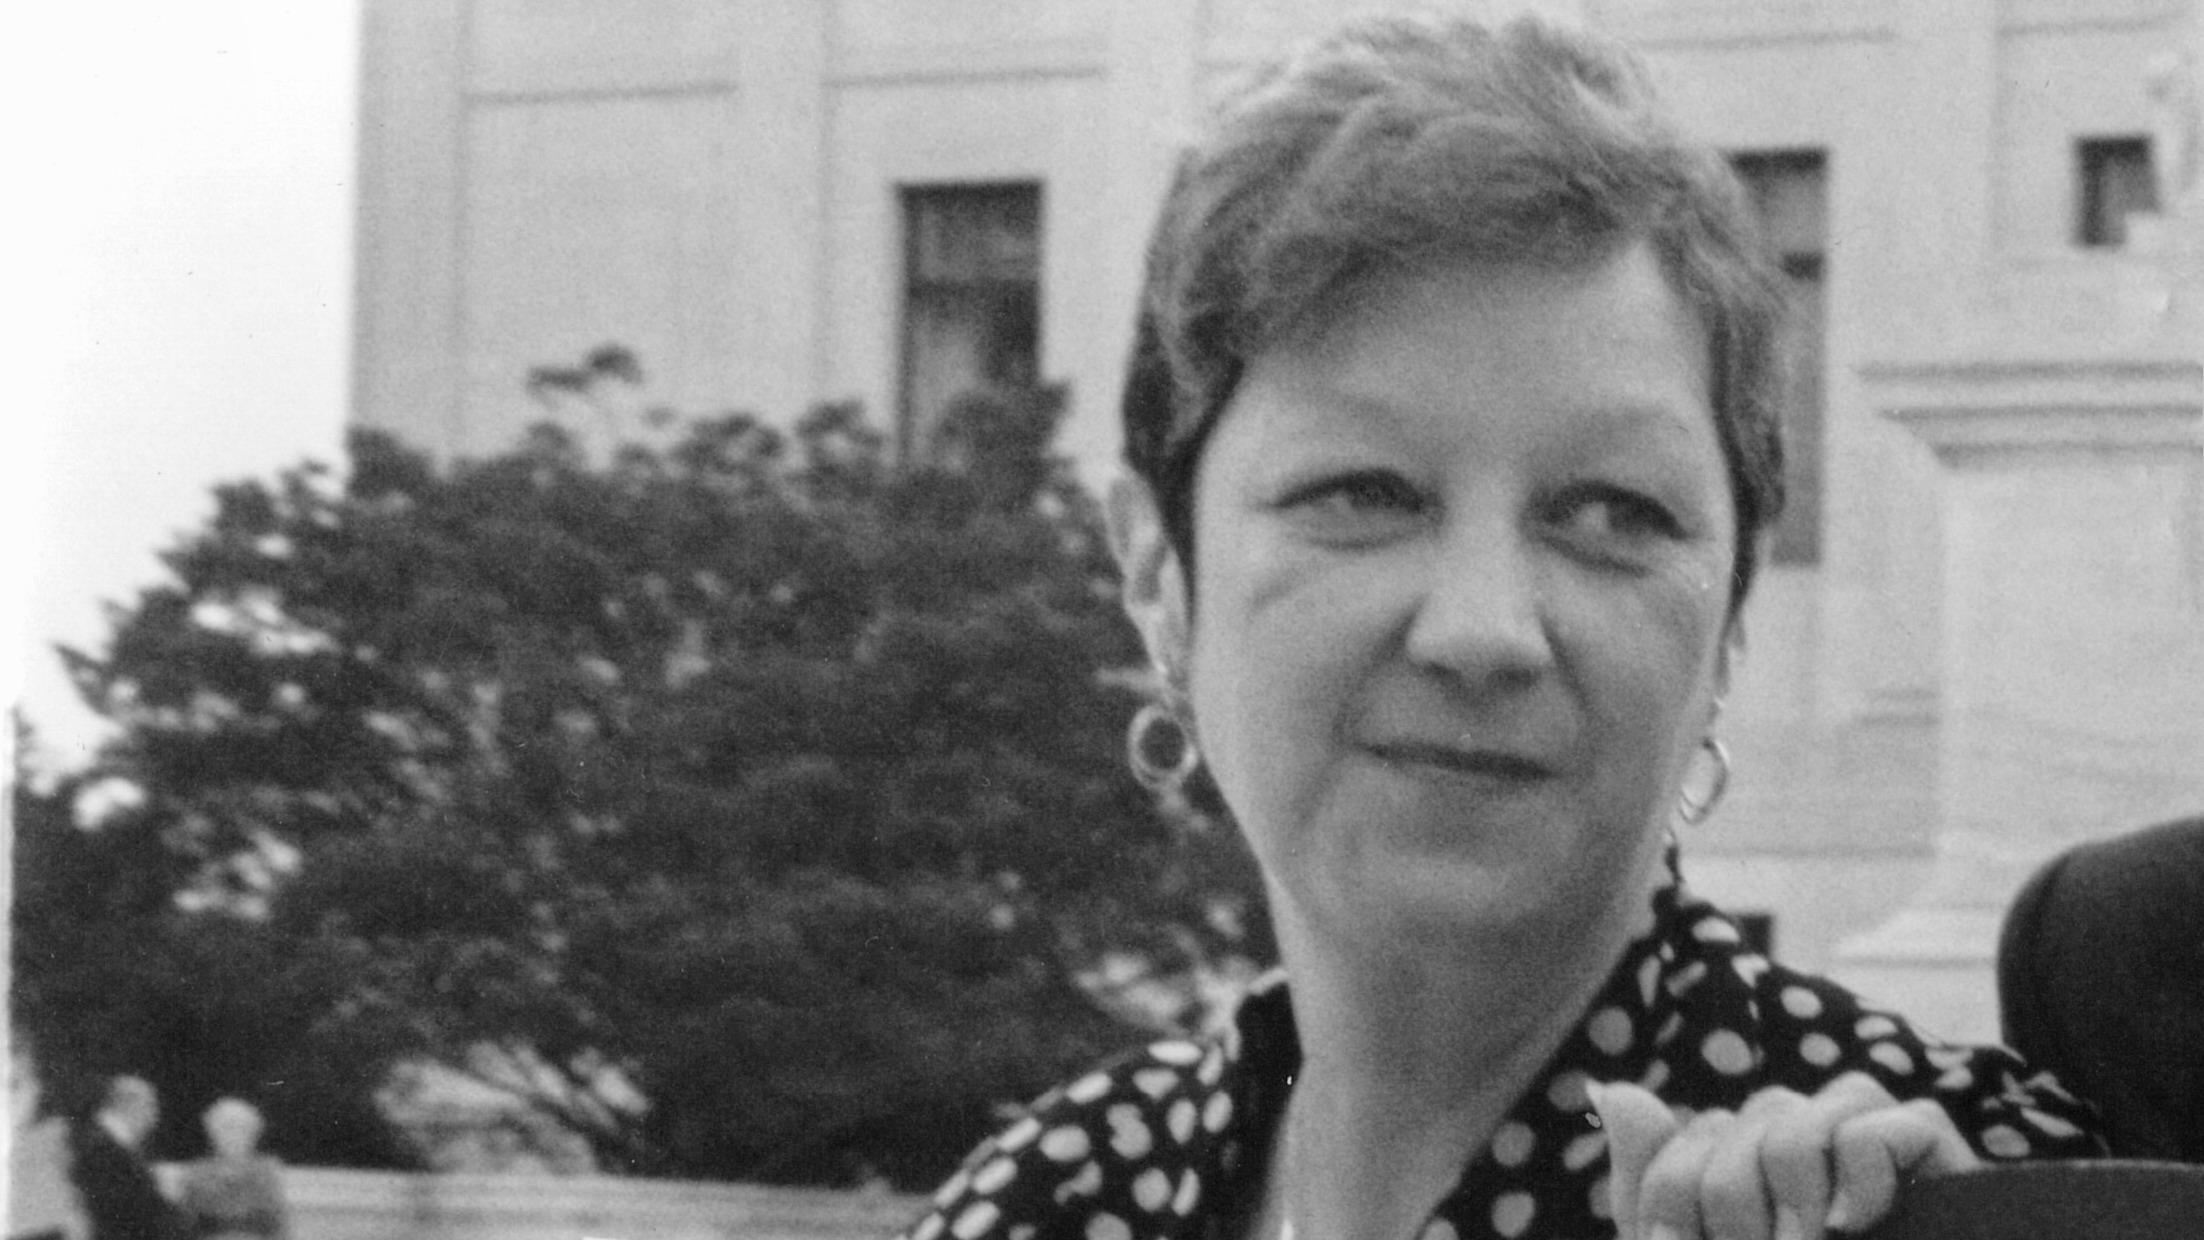 Norma McCorvey